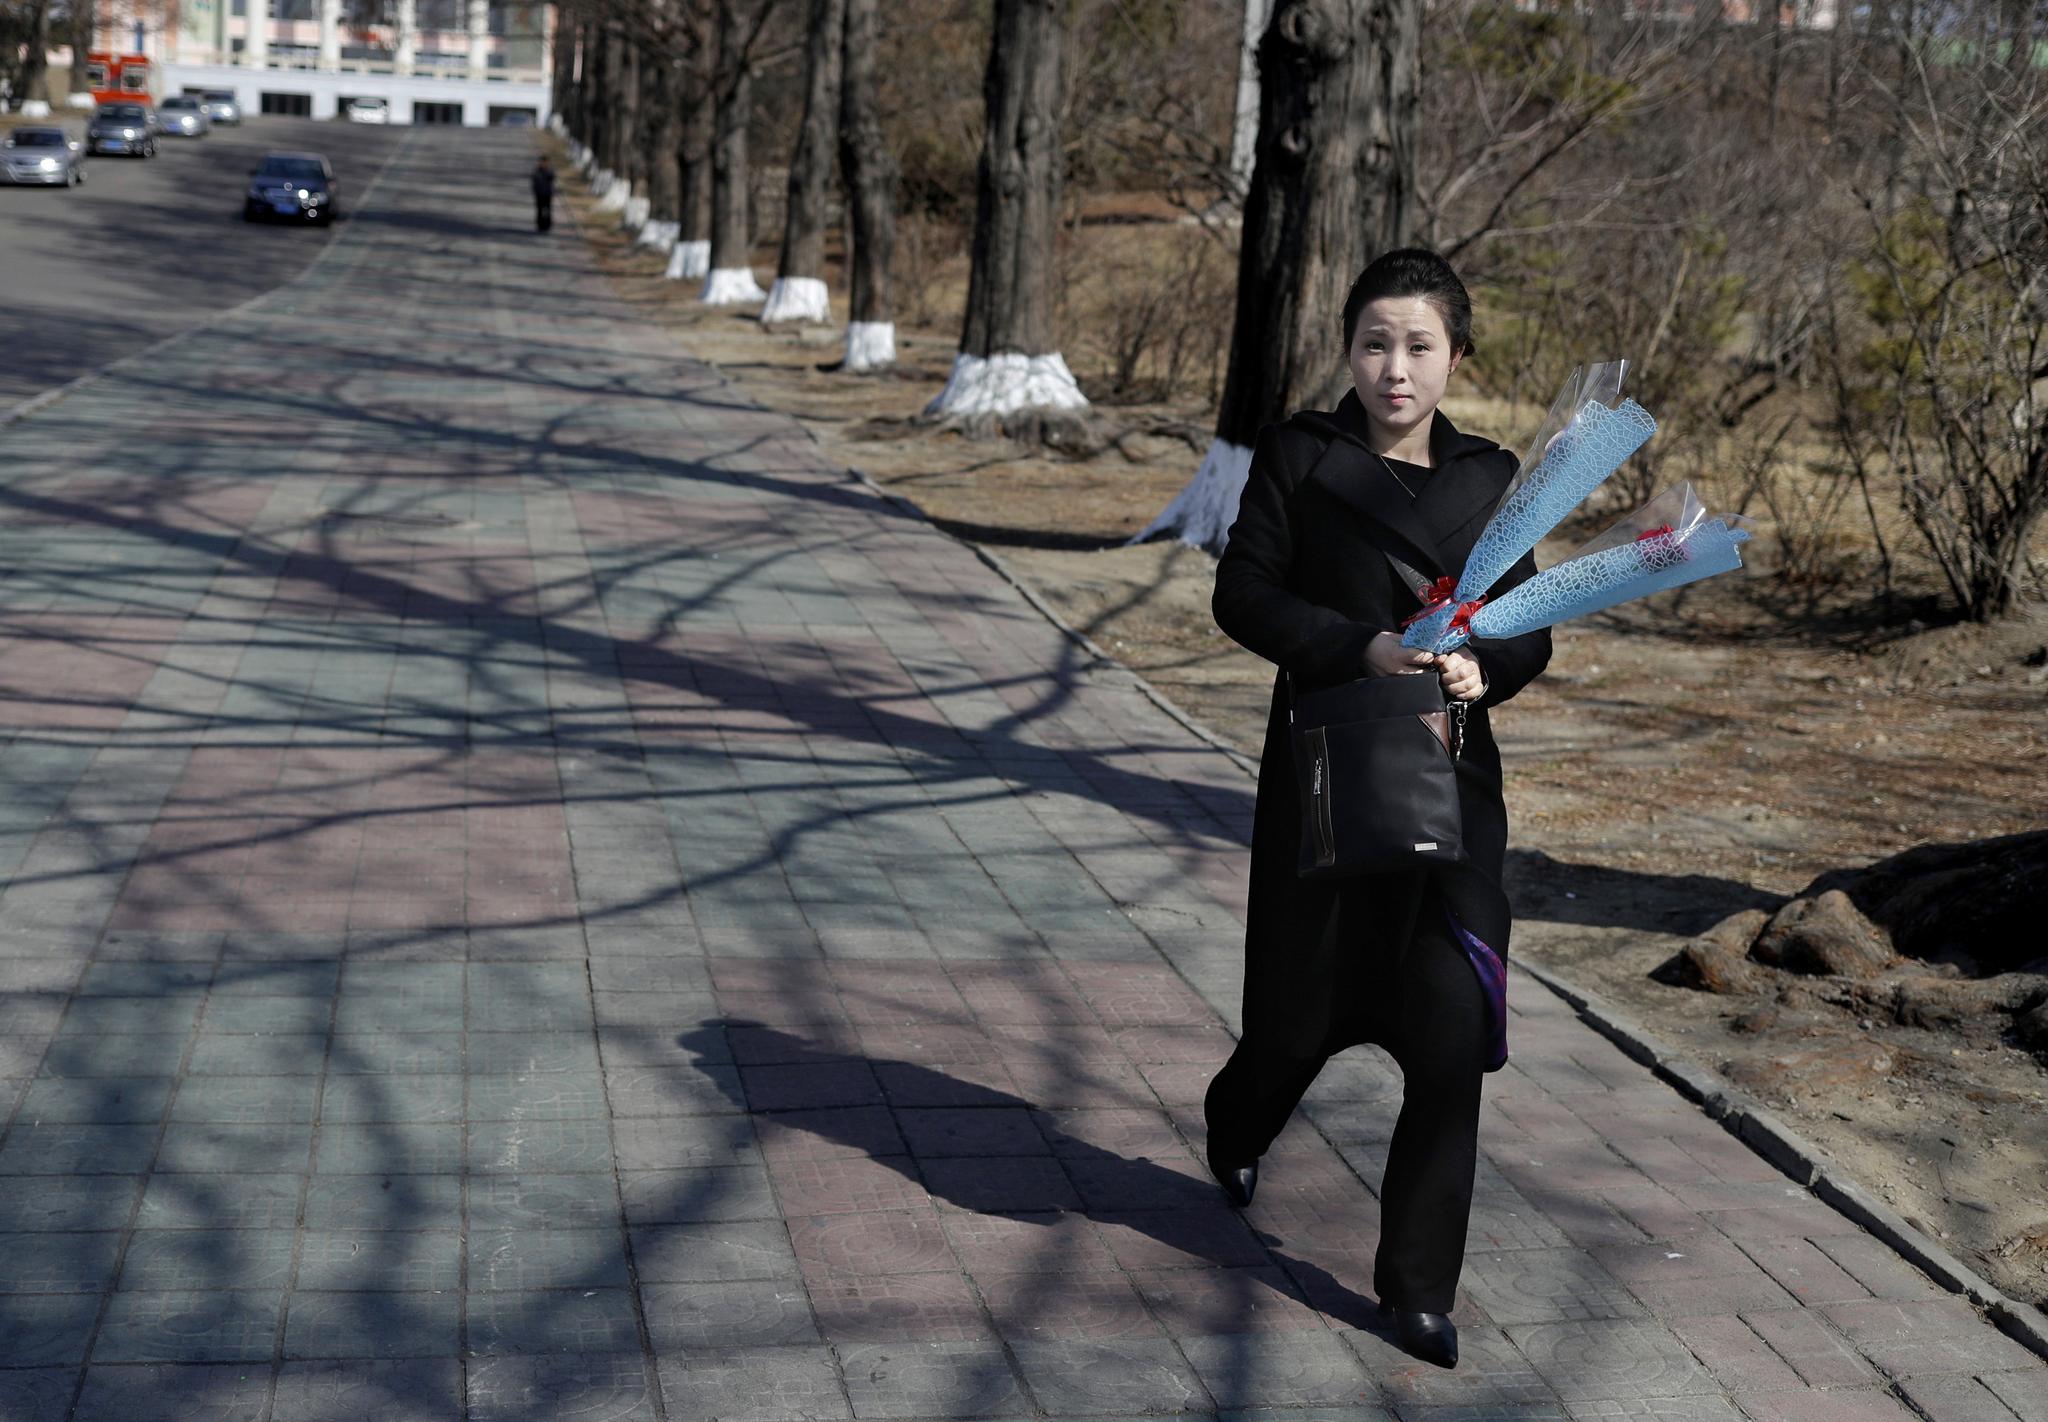 국제부녀절로 휴일인 8일 한 평양여성이 꽃을 들고 거리를 걷고 있다. [AP=연합뉴스]